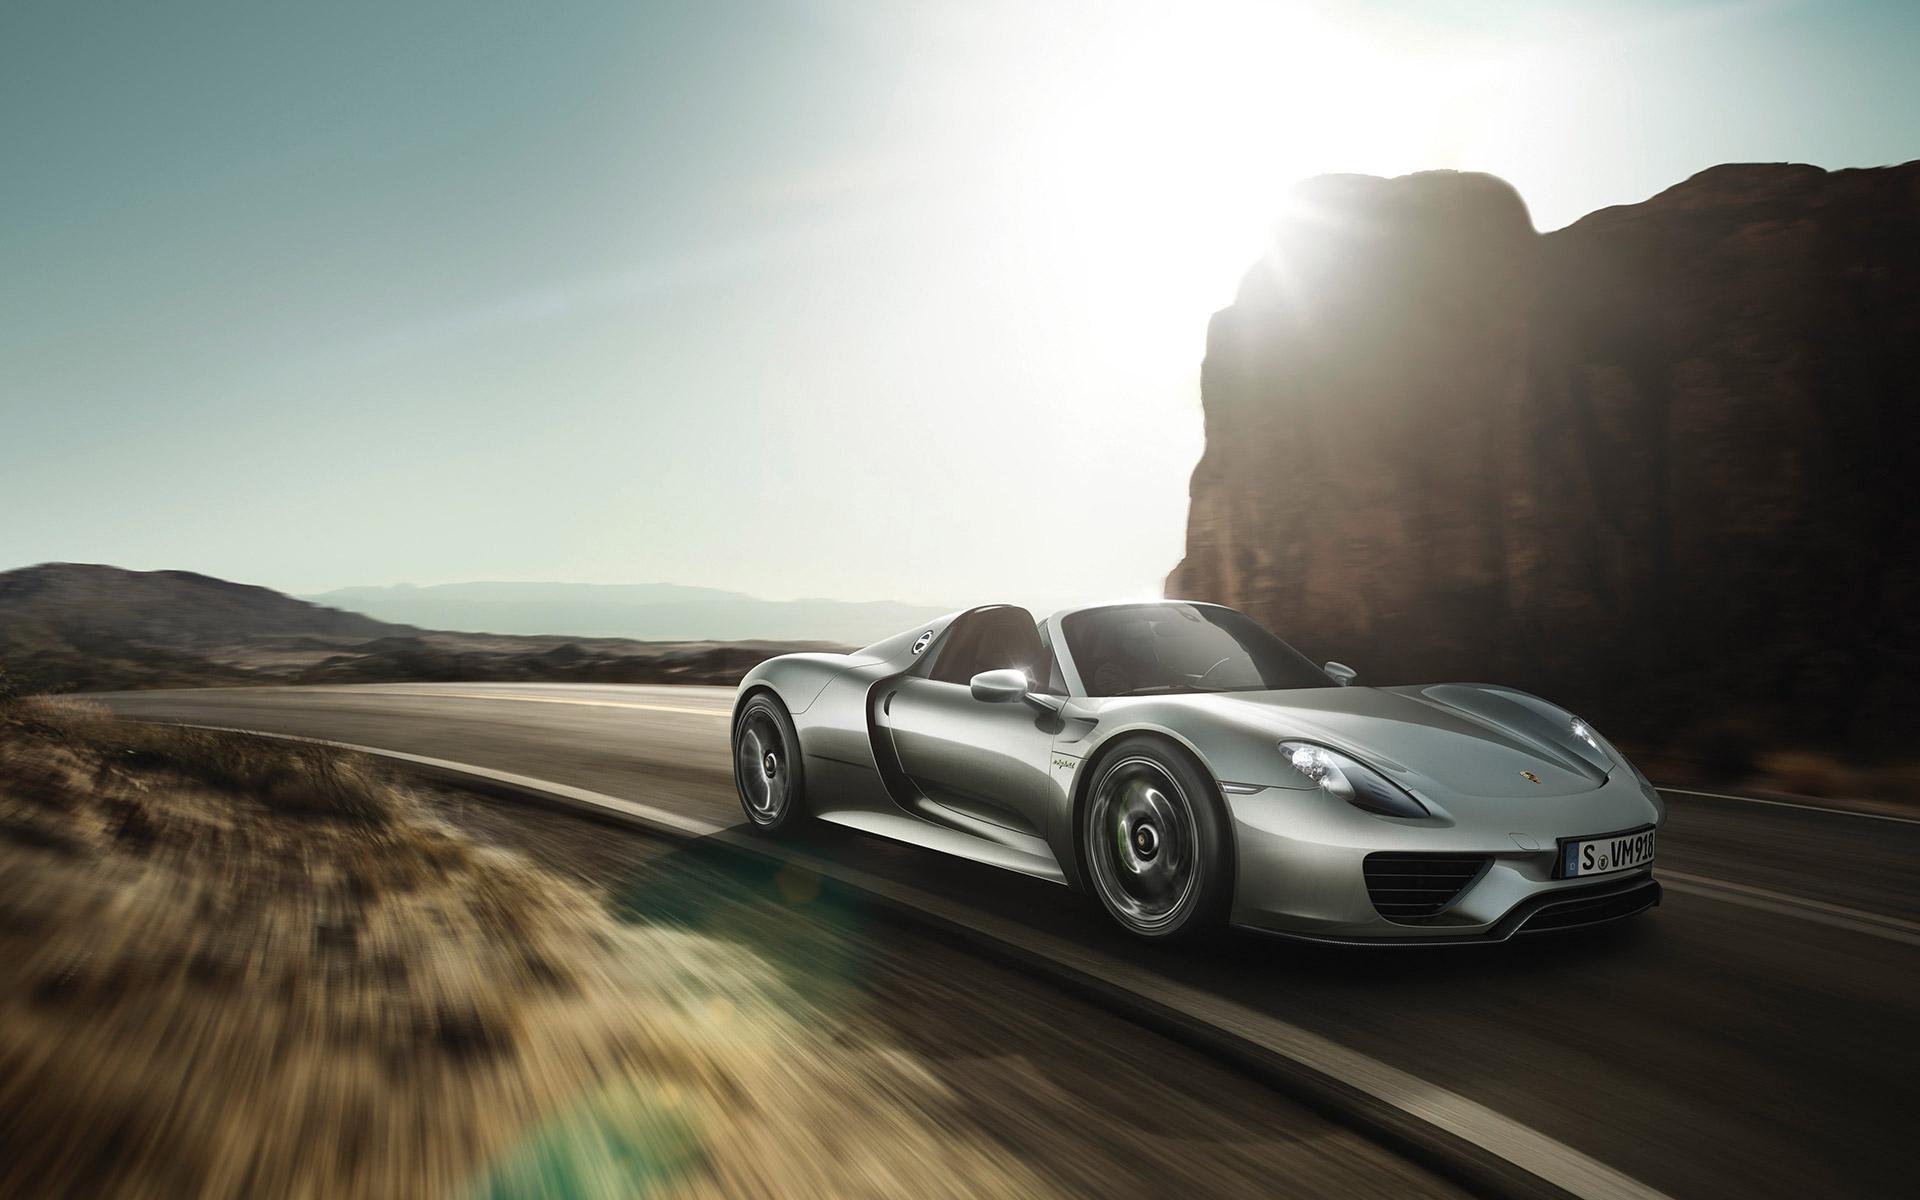 feat3 Inspiring 2015 Porsche 918 Spyder Quarter Mile Cars Trend